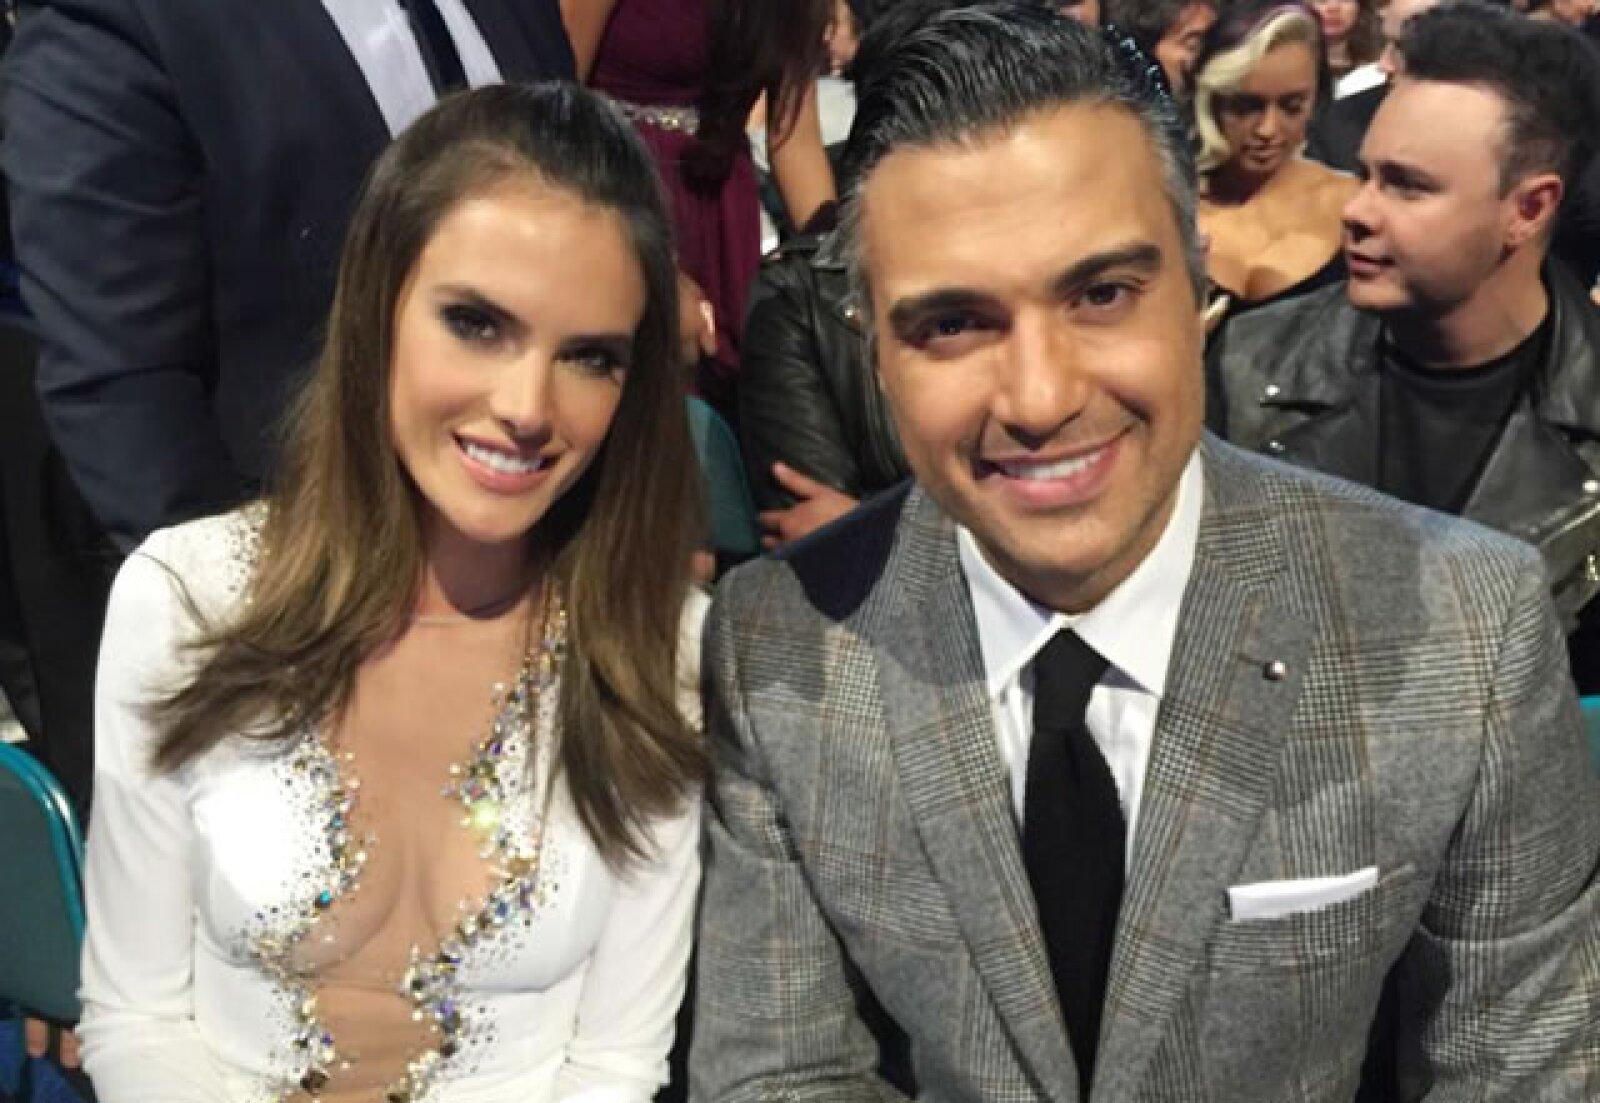 Alessandra Ambrosio y Jaime Camil aguardando a presentar un premio juntos.